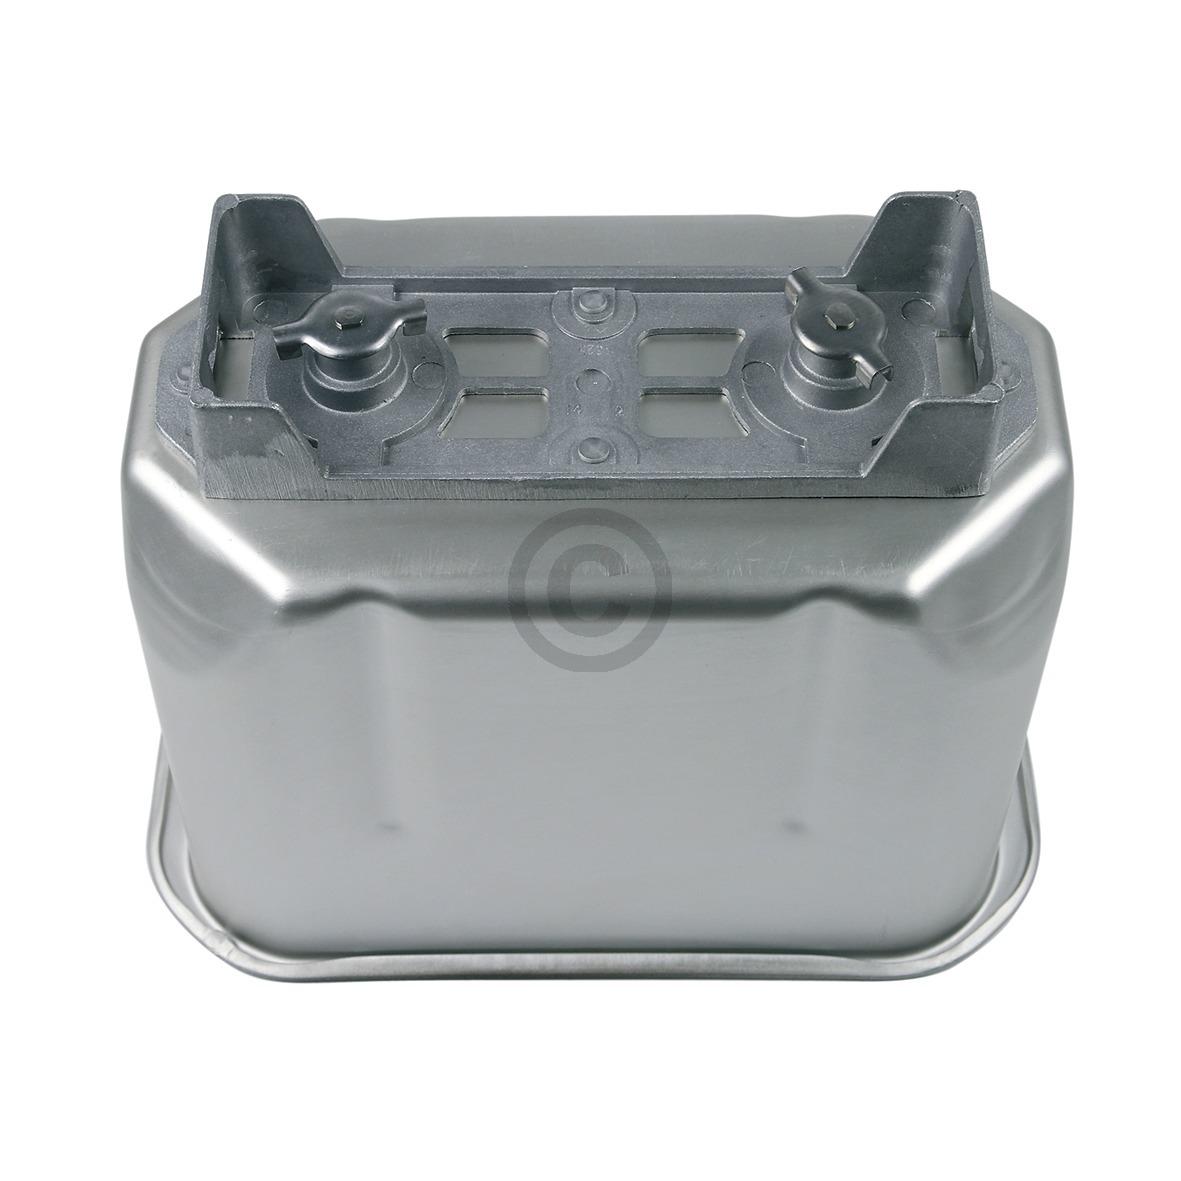 Backform UNOLD 8660024 245x140x189mm antihaftbeschichtet für Brotbackautomat